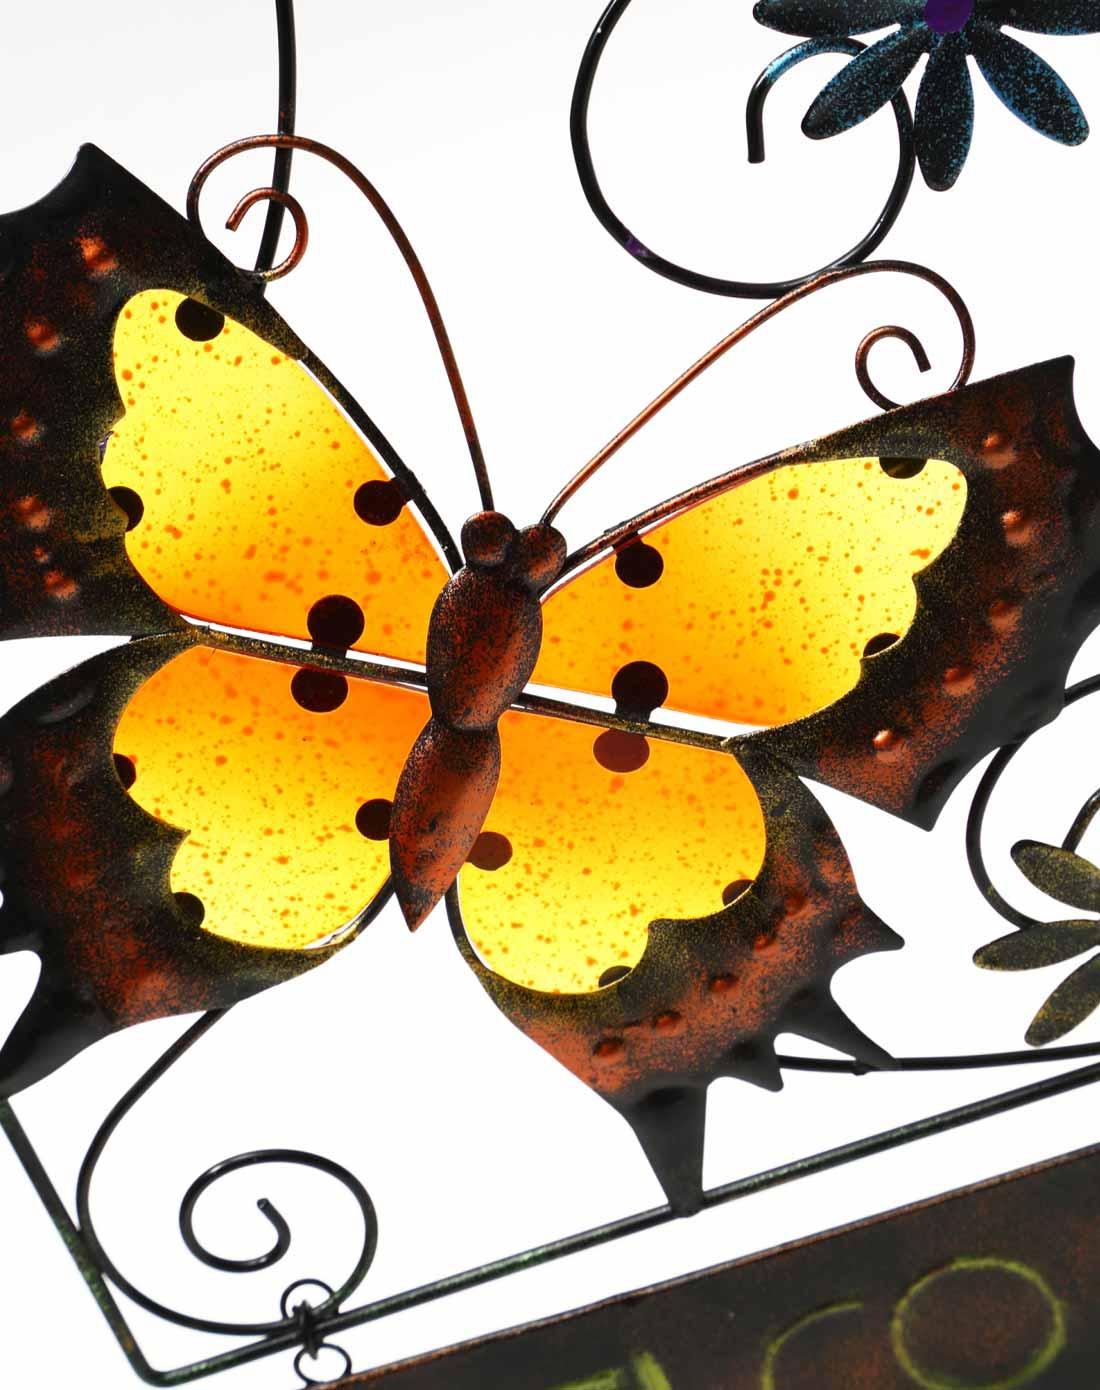 > 蝴蝶铁艺 热熔手绘玻璃装饰园艺门挂